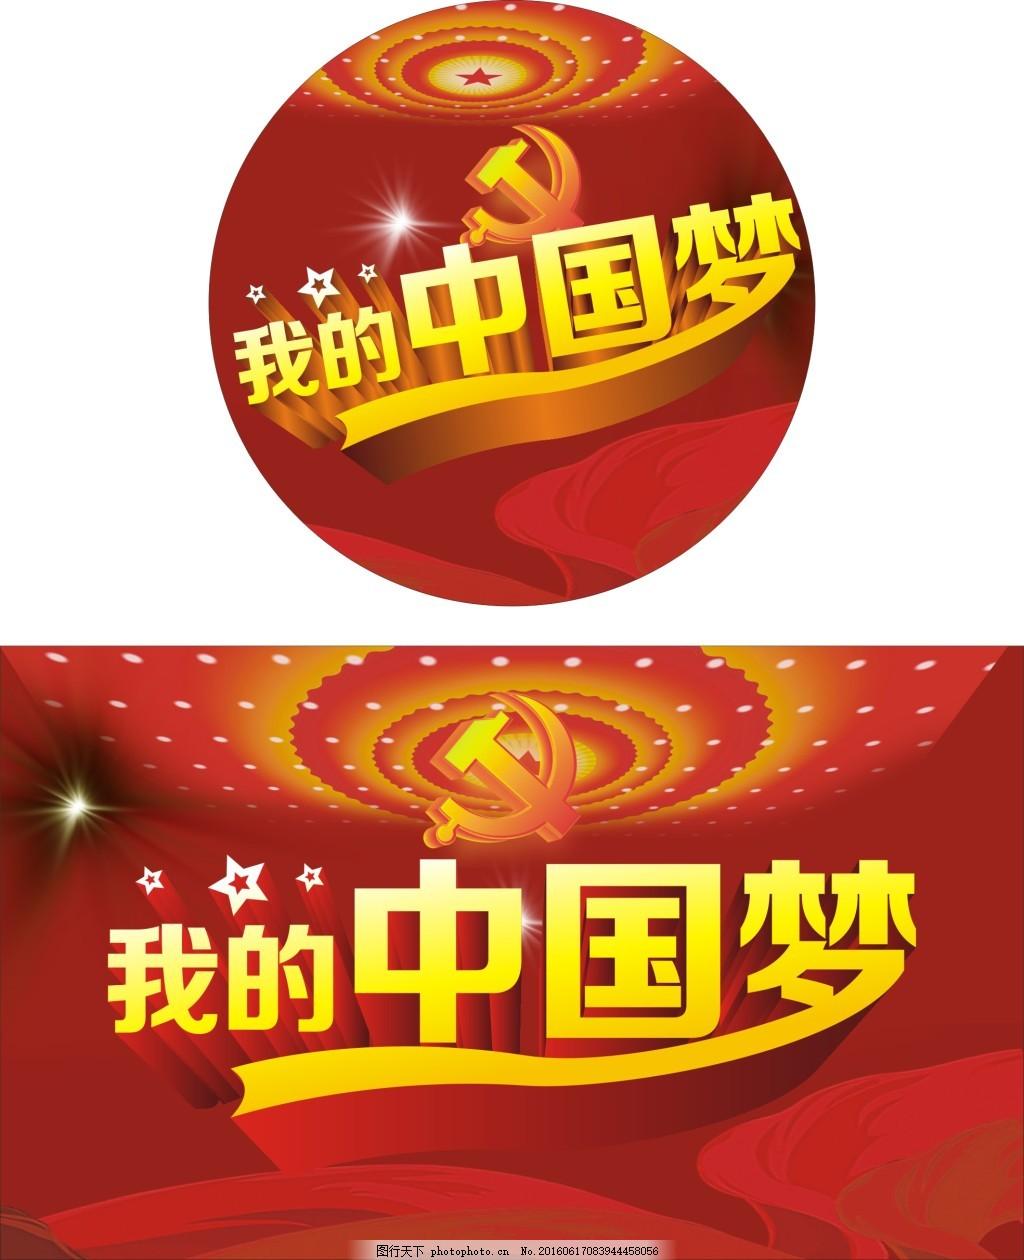 中国梦 中国梦我的梦 展板 宣传栏 标牌 红色 立体字